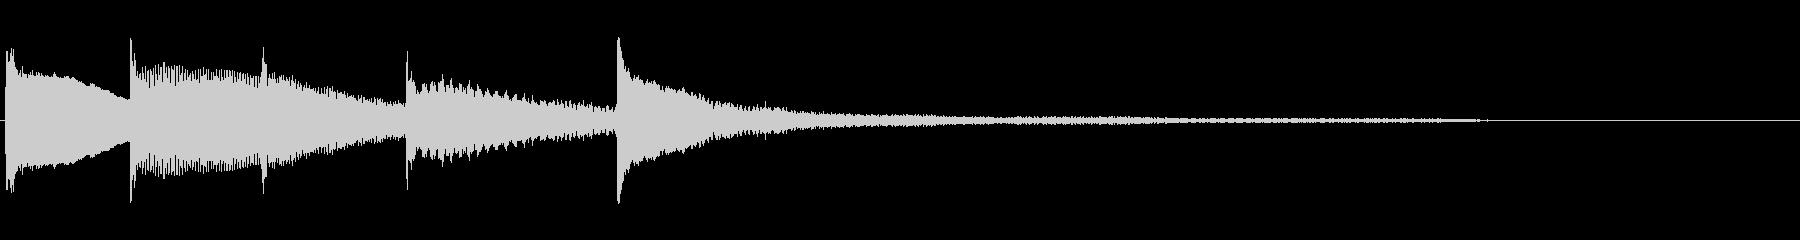 ピアノソロのジングル 通知音の未再生の波形